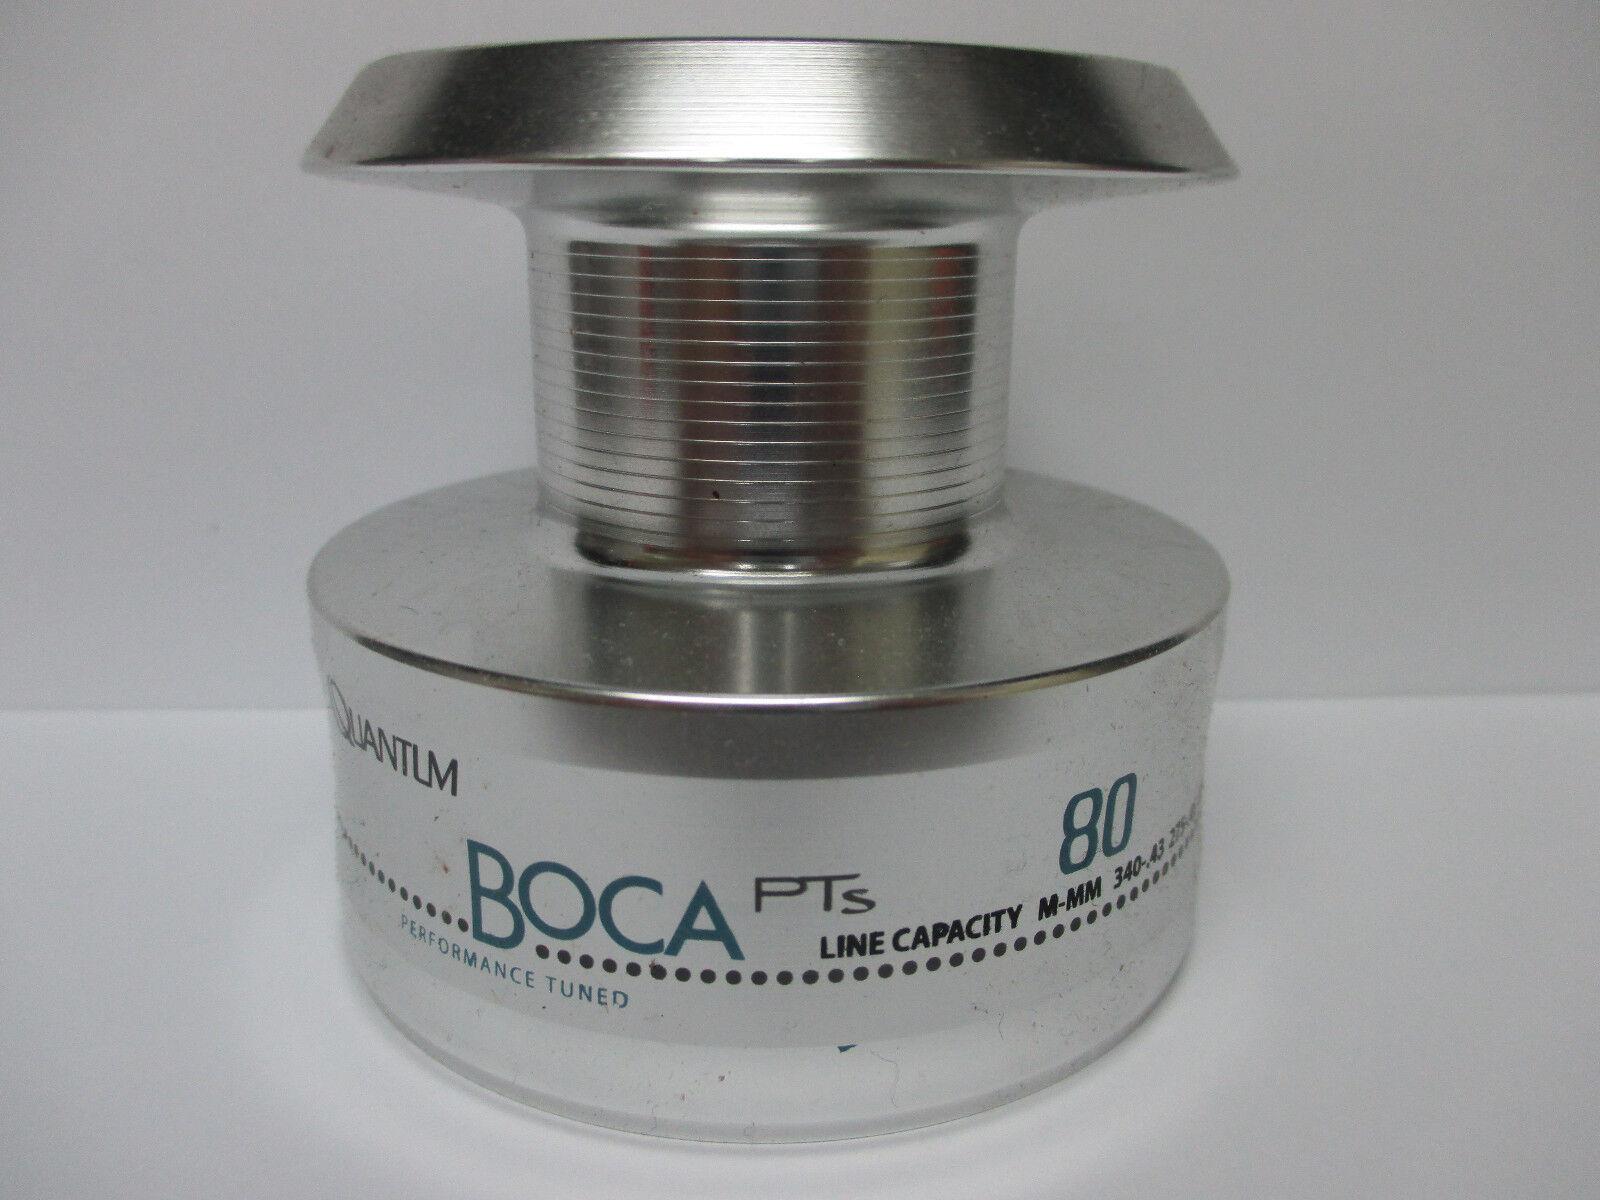 Nueva pieza de Cocherete Giratorio Para Cuántica-ET4321-01 conjunto de Cocherete Boca 80 BSP80PTS -